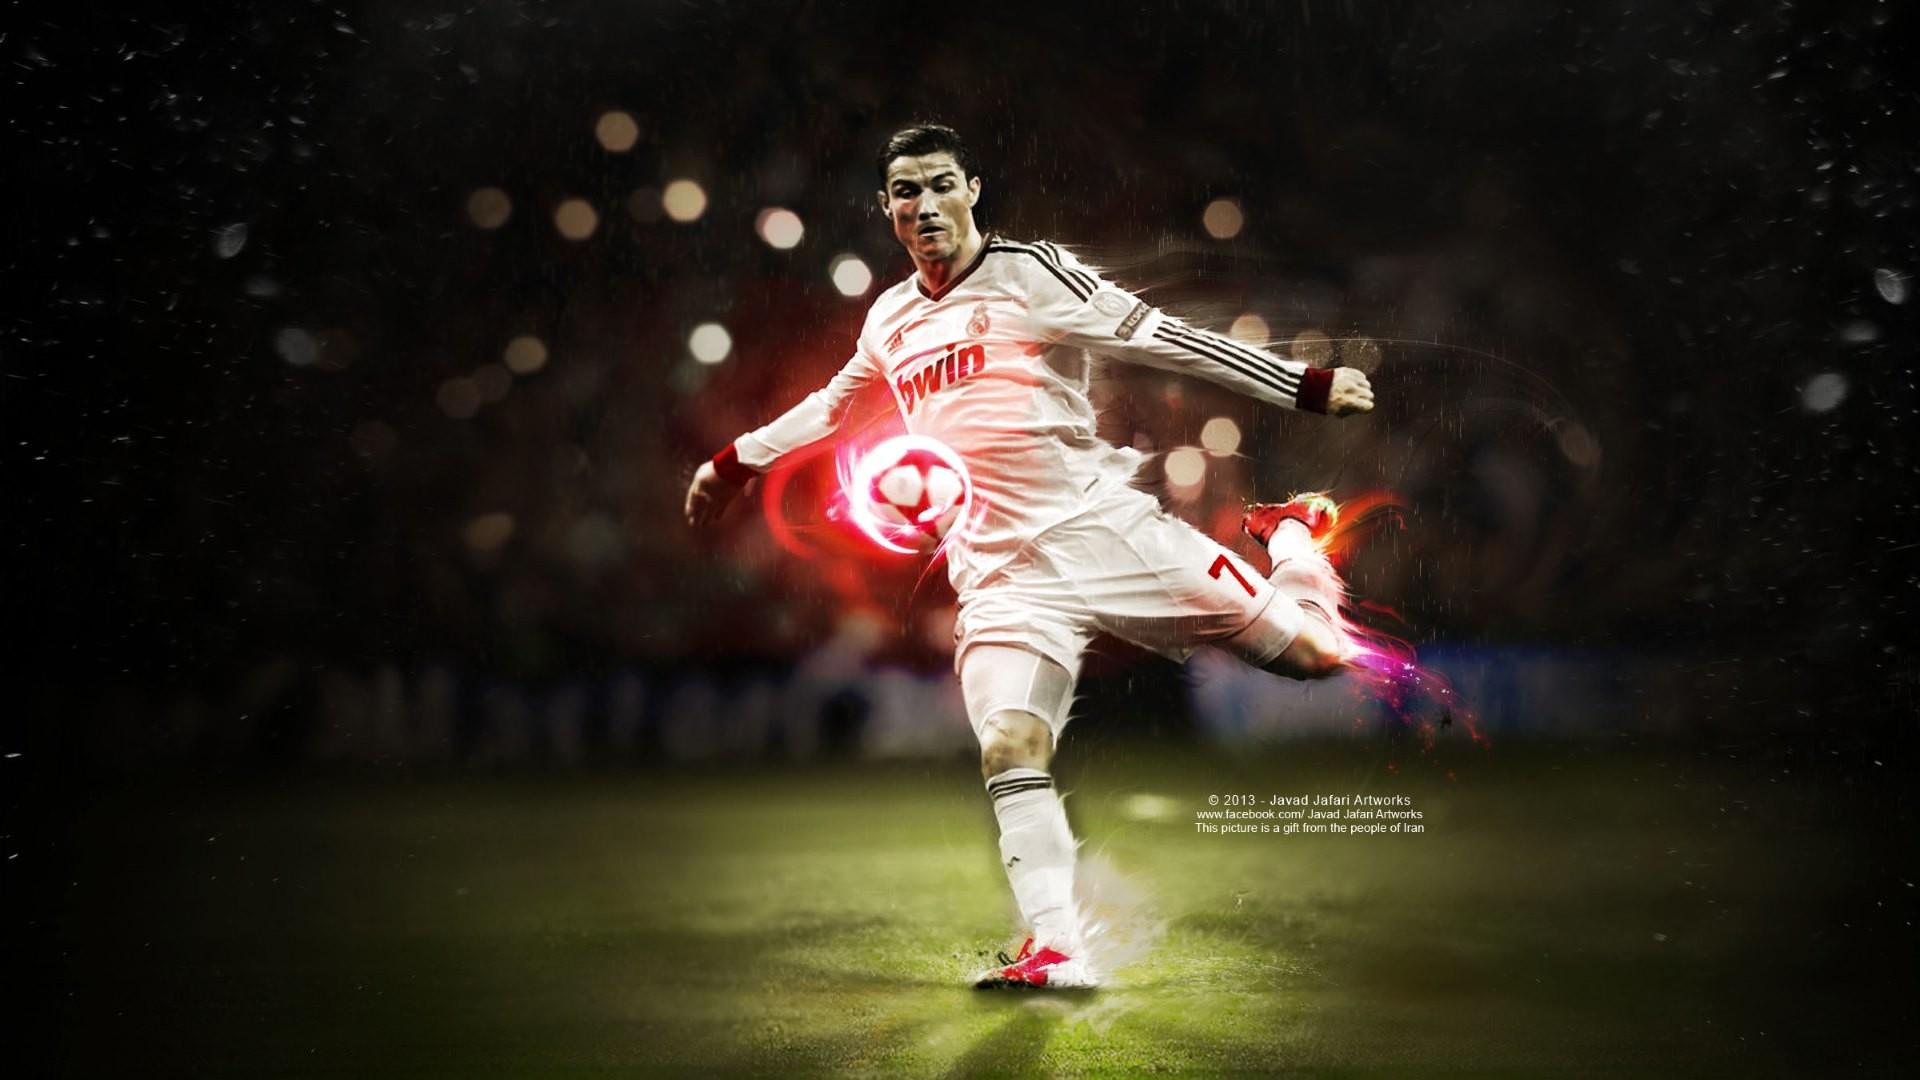 Cristiano Ronaldo Full HD Wallpaper 1920×1080